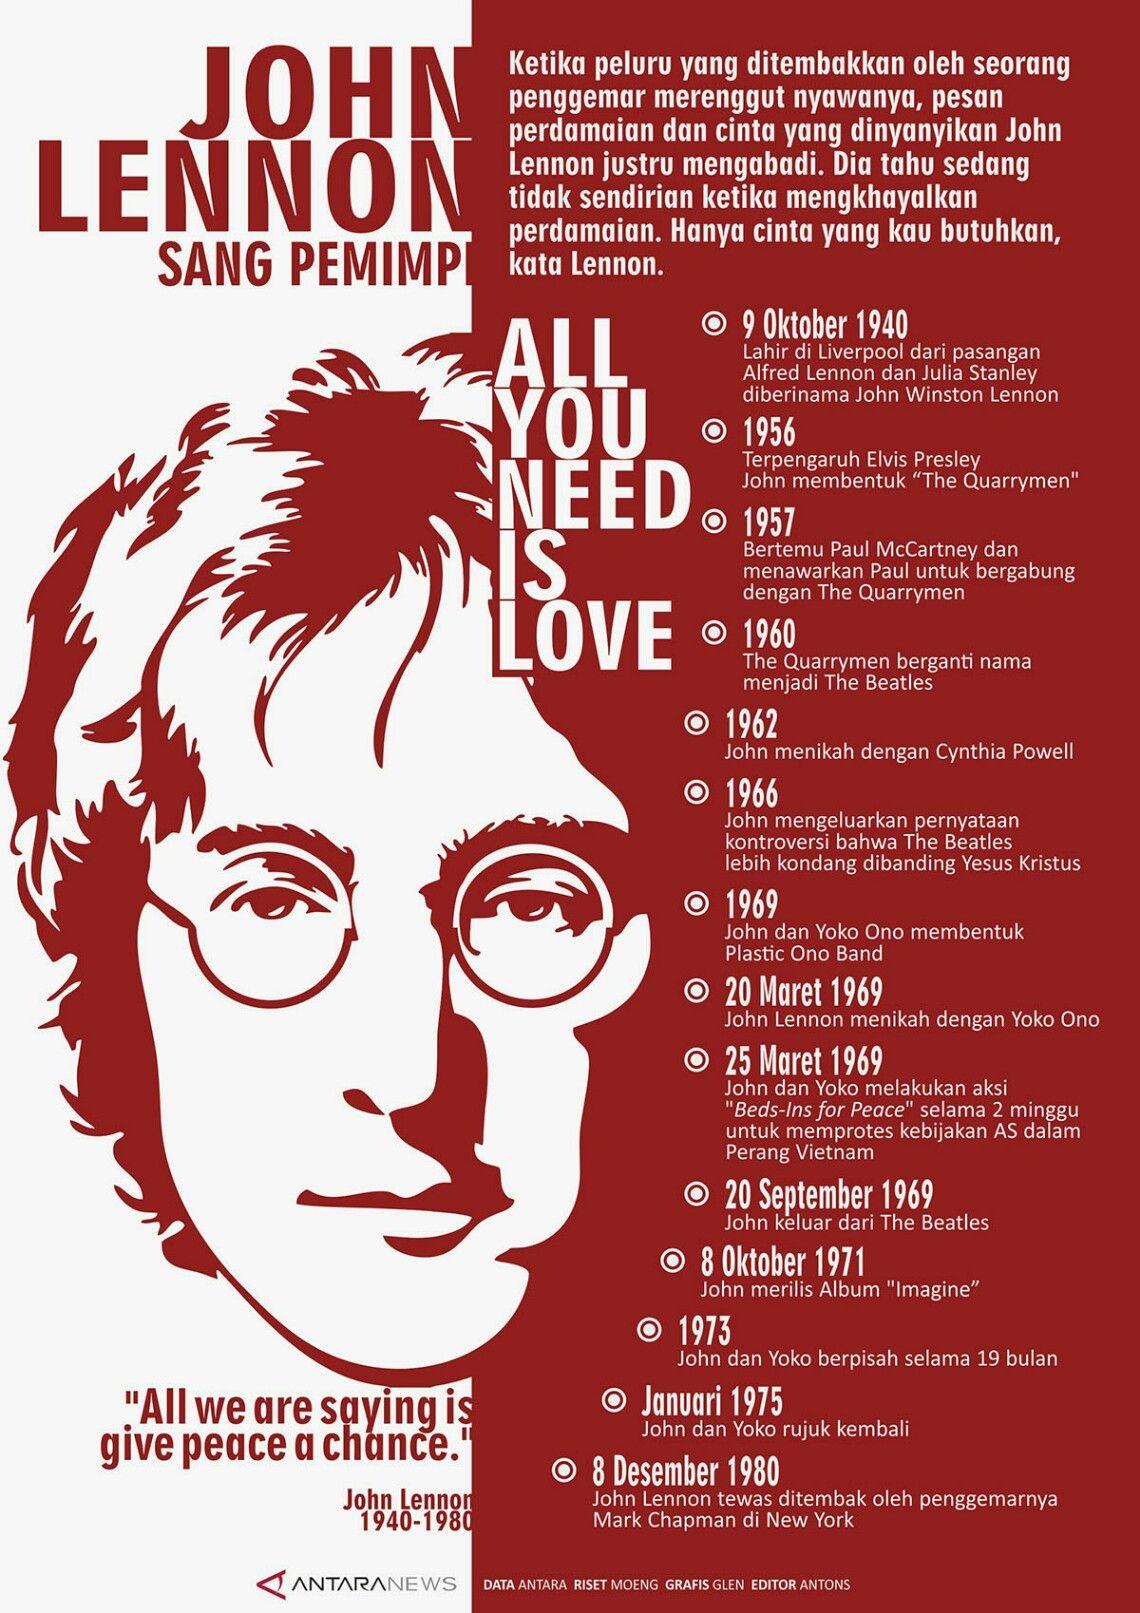 John Lennon, sang pemimpi